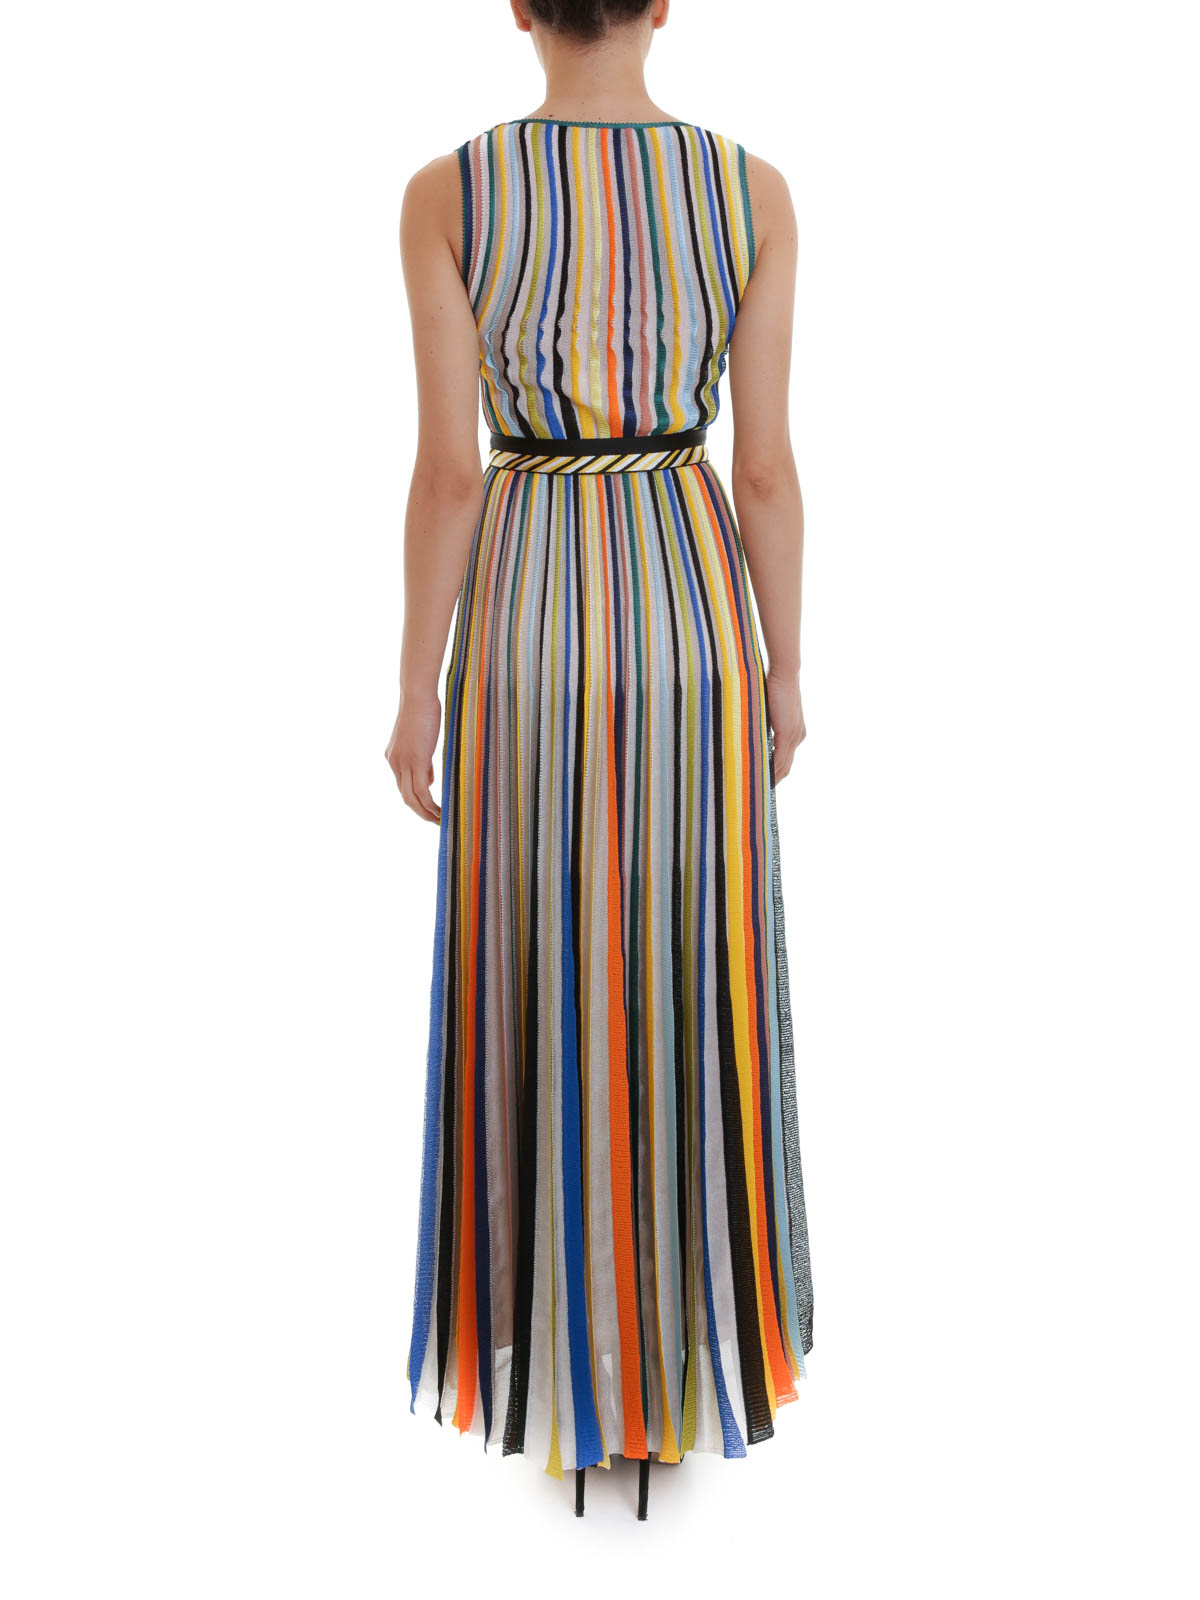 new style a8e44 d6e33 Missoni - Maxi abito a righe con cintura - abiti lunghi ...